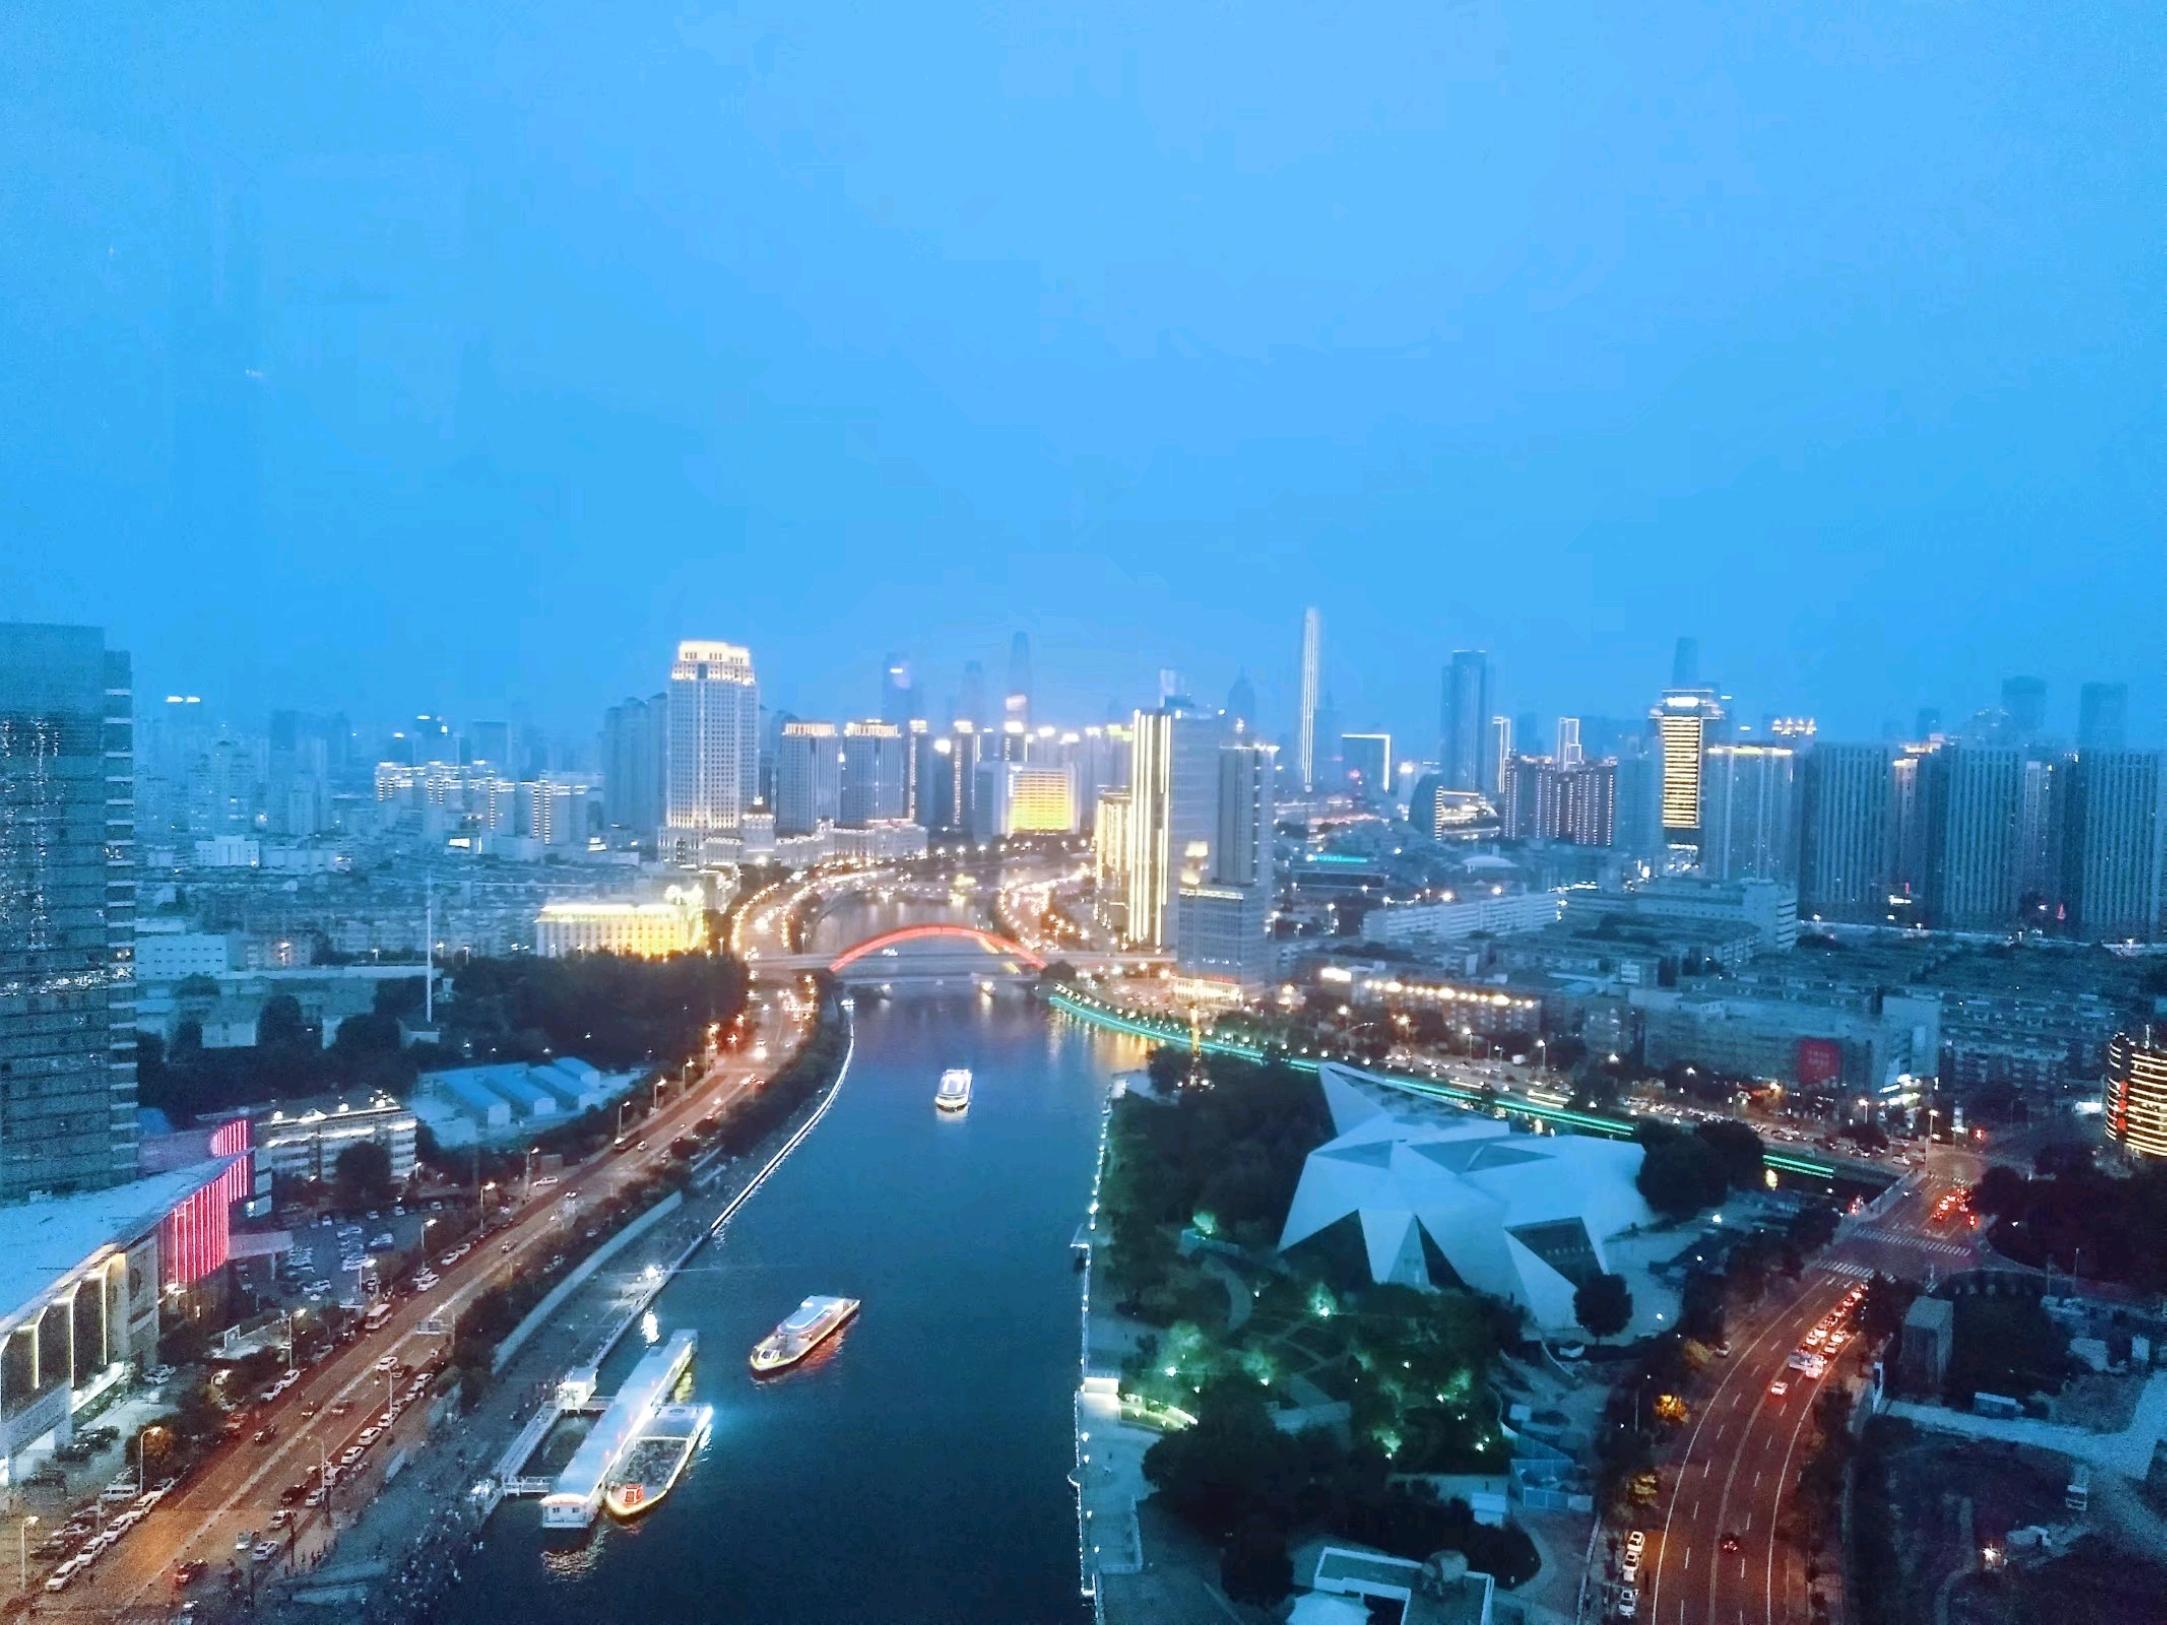 俯天津之眼🎡,童年动物园🦁,民国特色馆🏕游海洋公园🐬天津亲子3日游👪